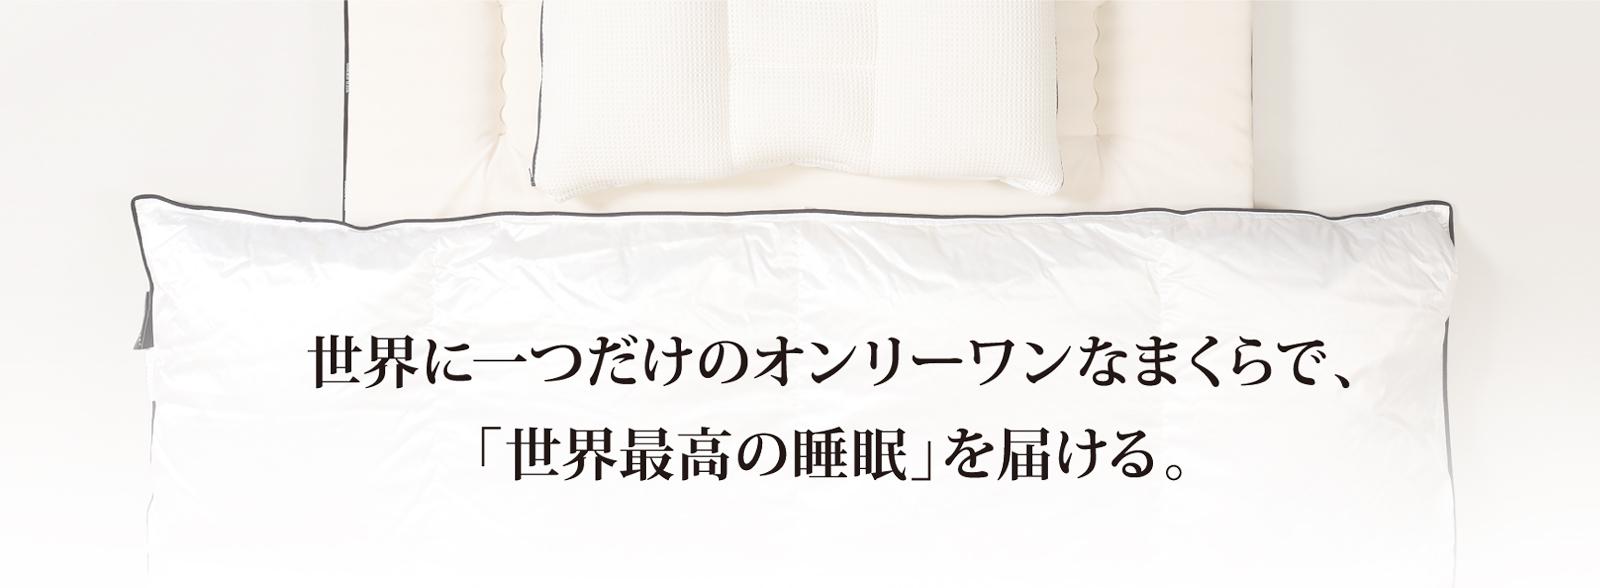 世界にひとつだけのオンリーワンなまくらで「世界最高の睡眠」を届ける